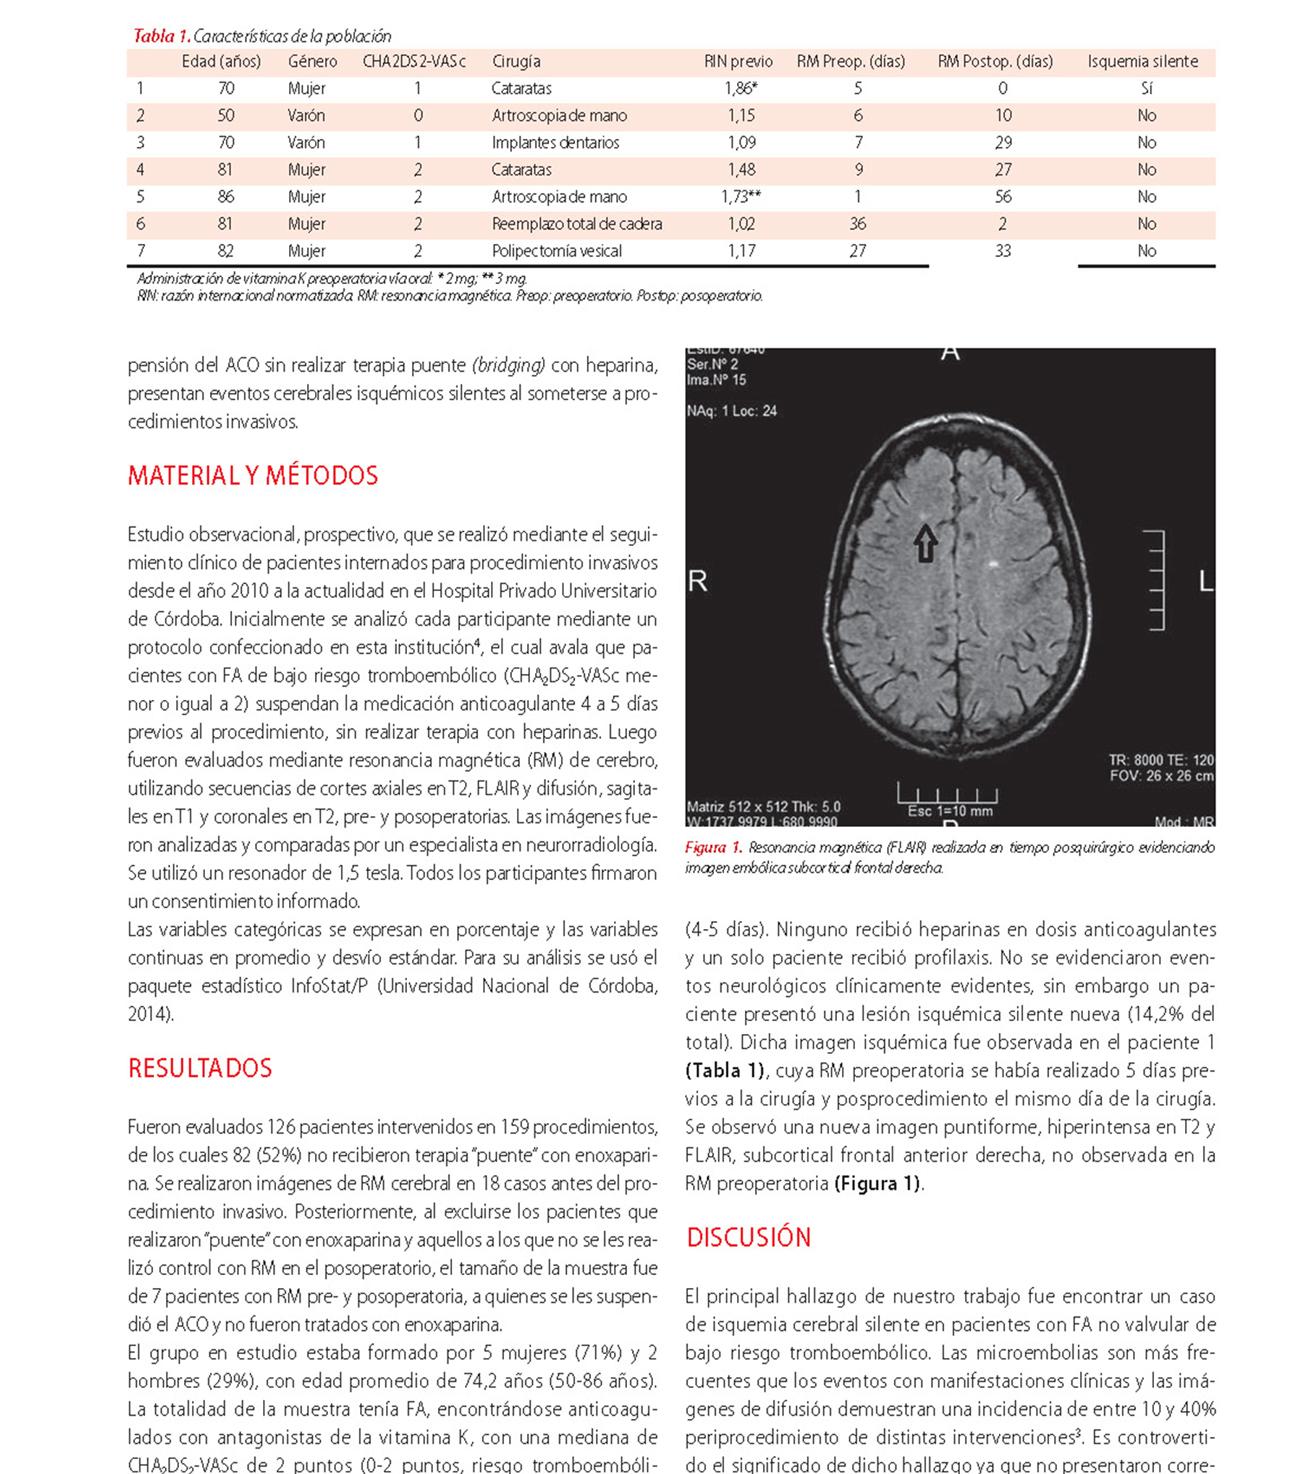 Isquemia cerebral silente perioperatoria en pacientes con fibrilación auricular